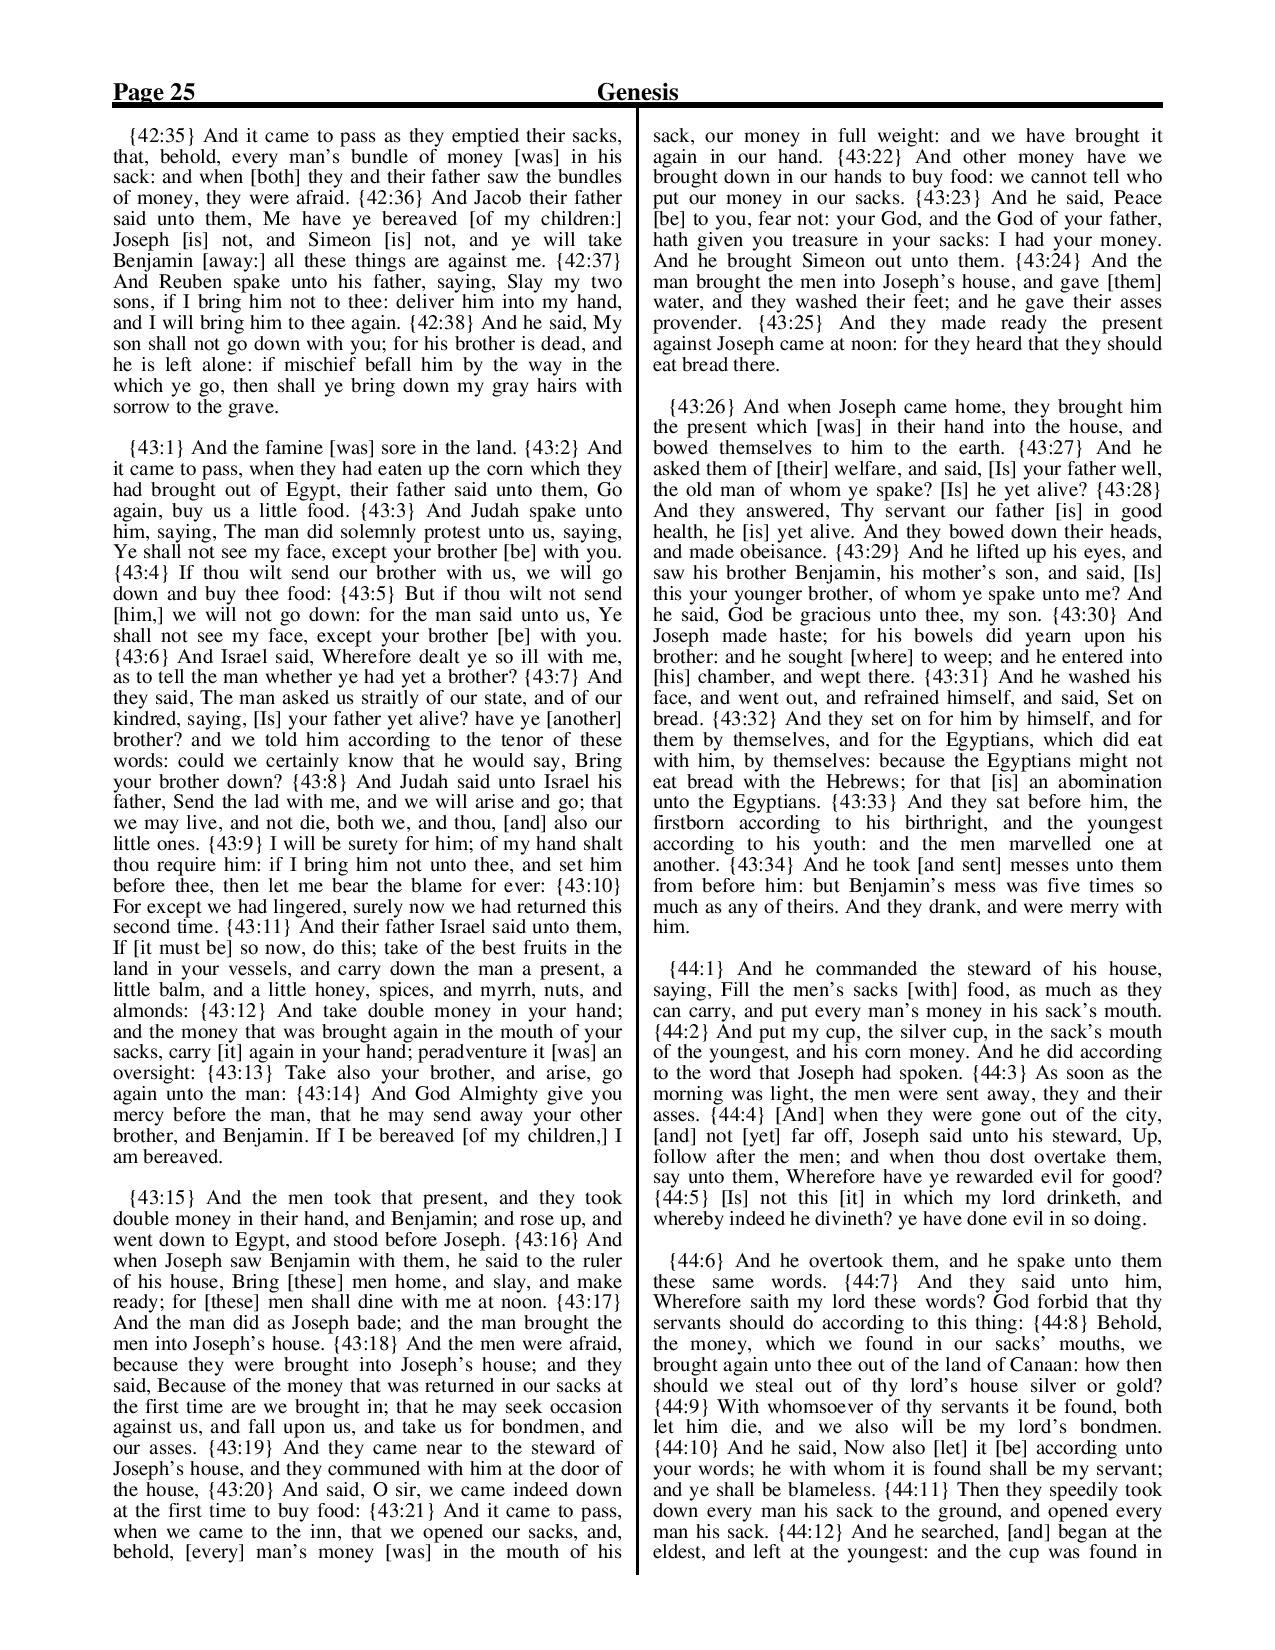 King-James-Bible-KJV-Bible-PDF-page-046